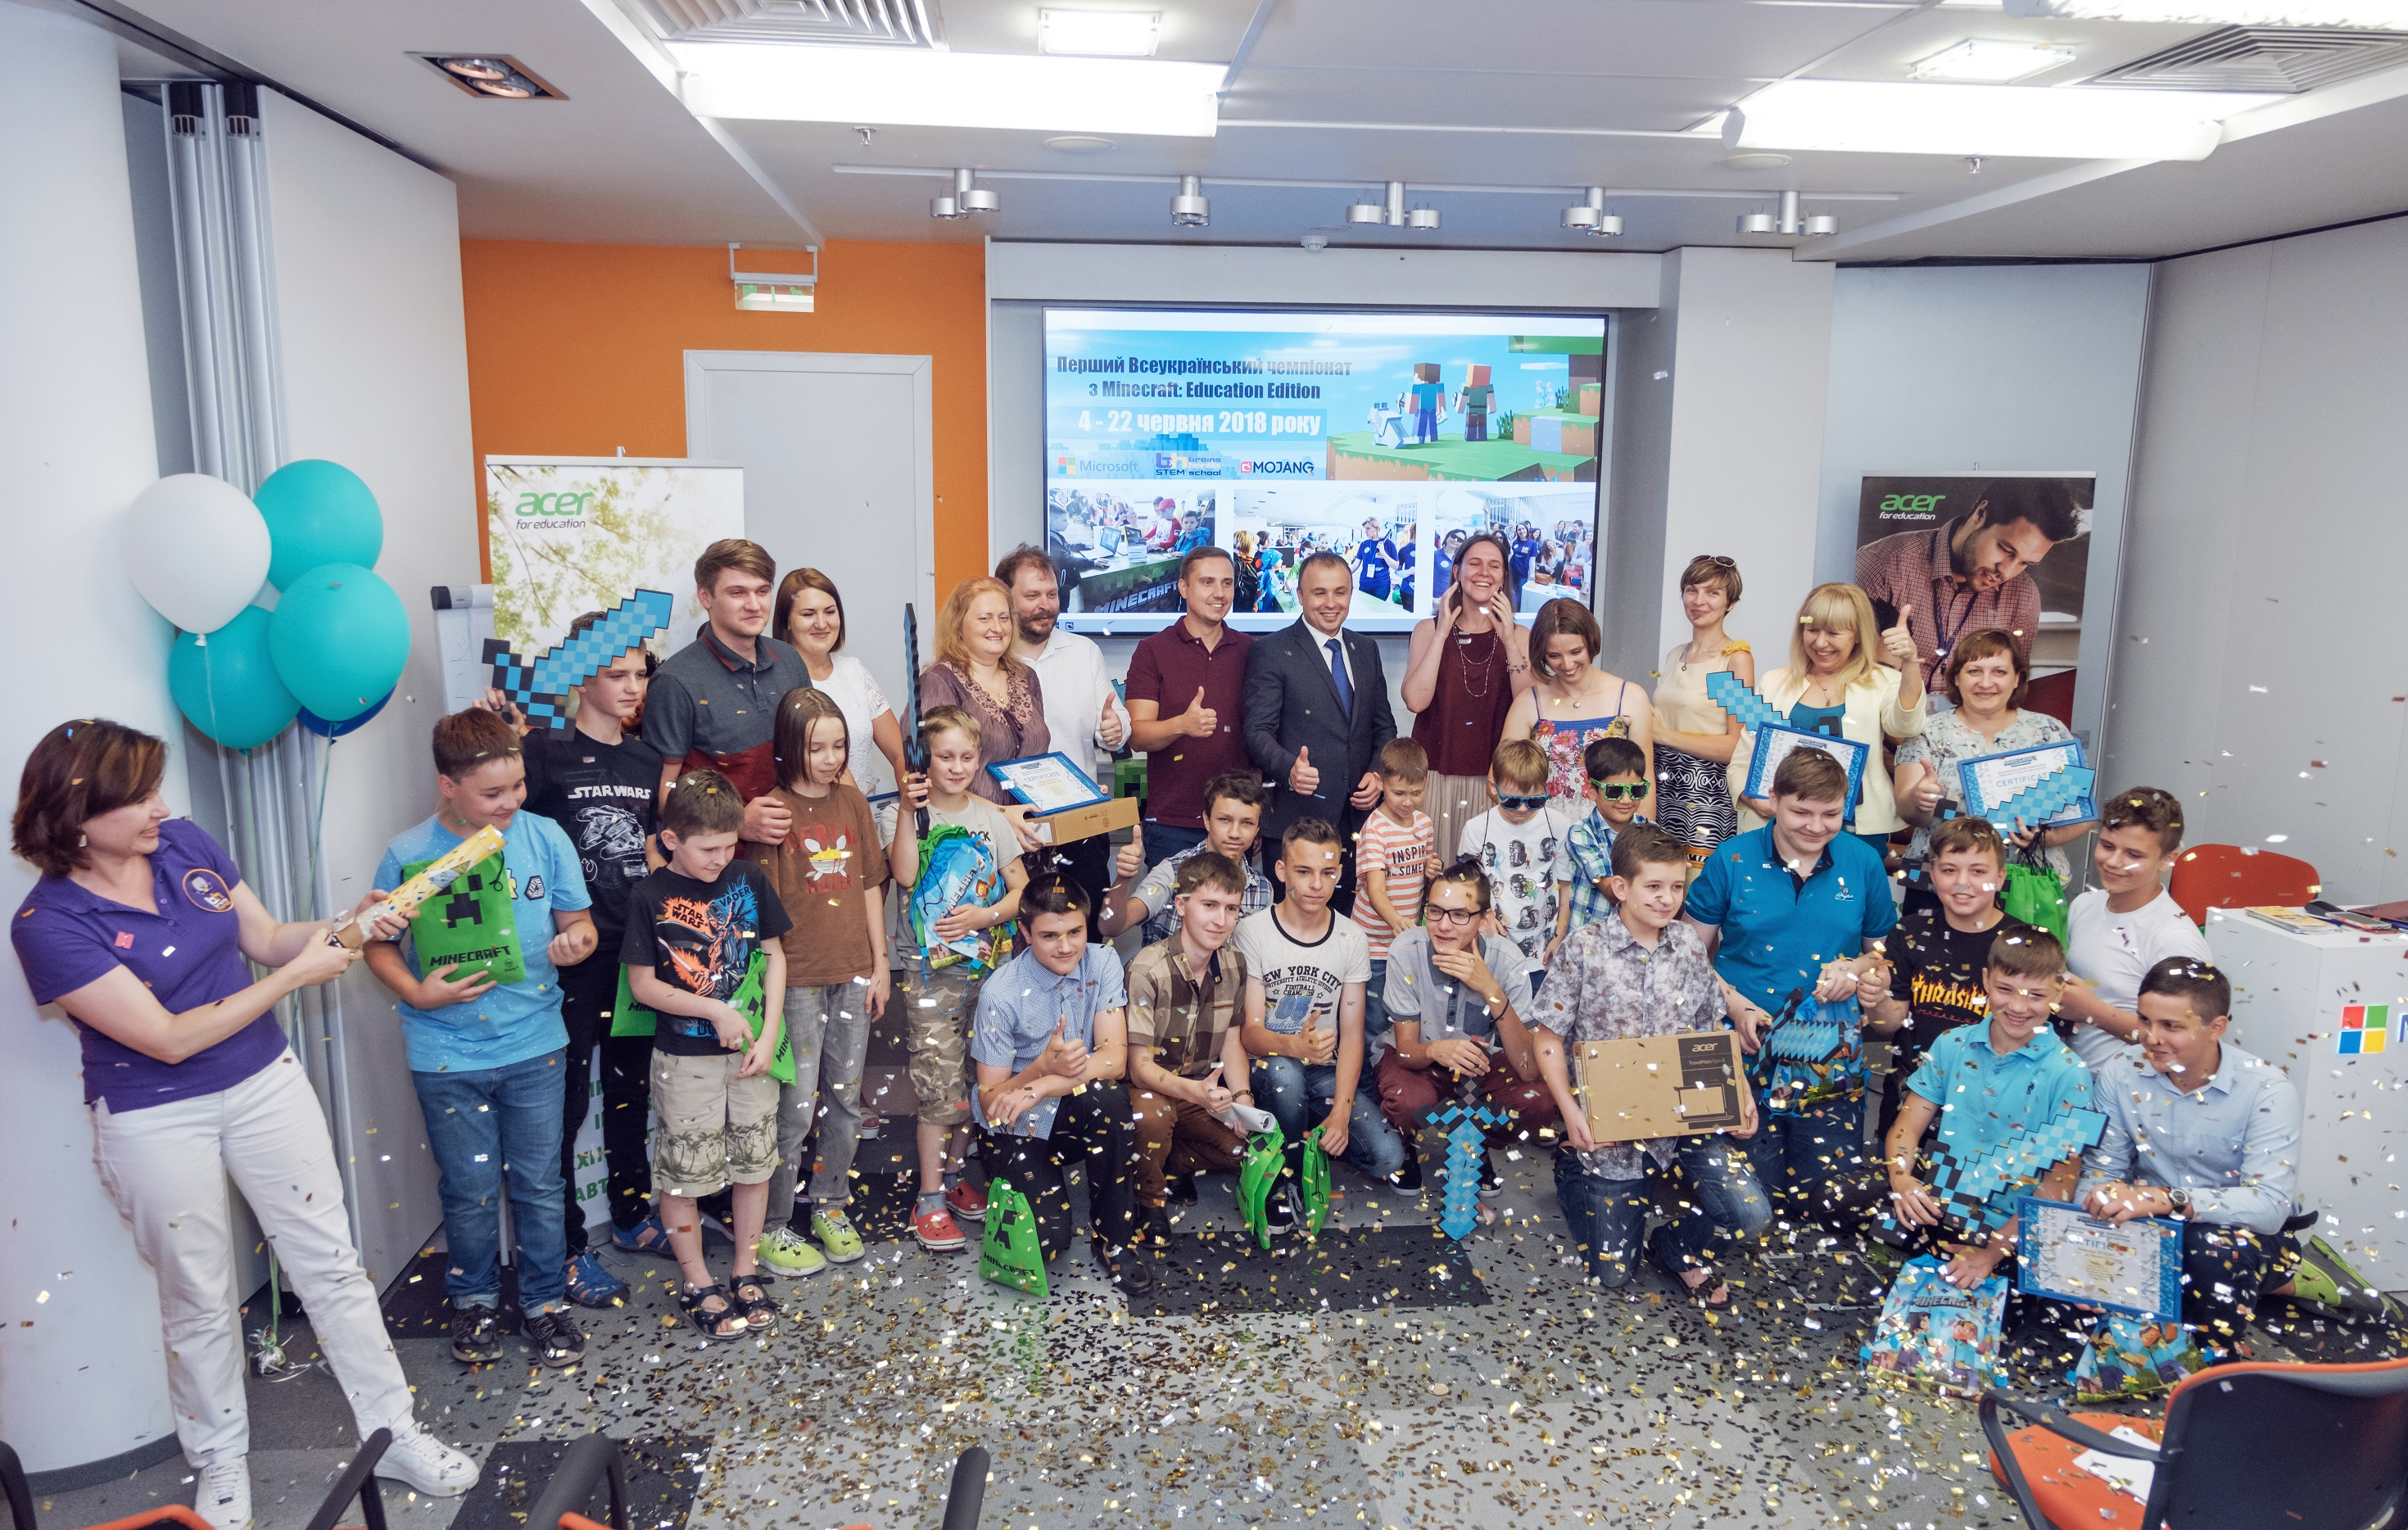 В Украине завершился первый чемпионат по образовательной версии Minecraft, в котором участвовали 280 школьников со всех уголков страны